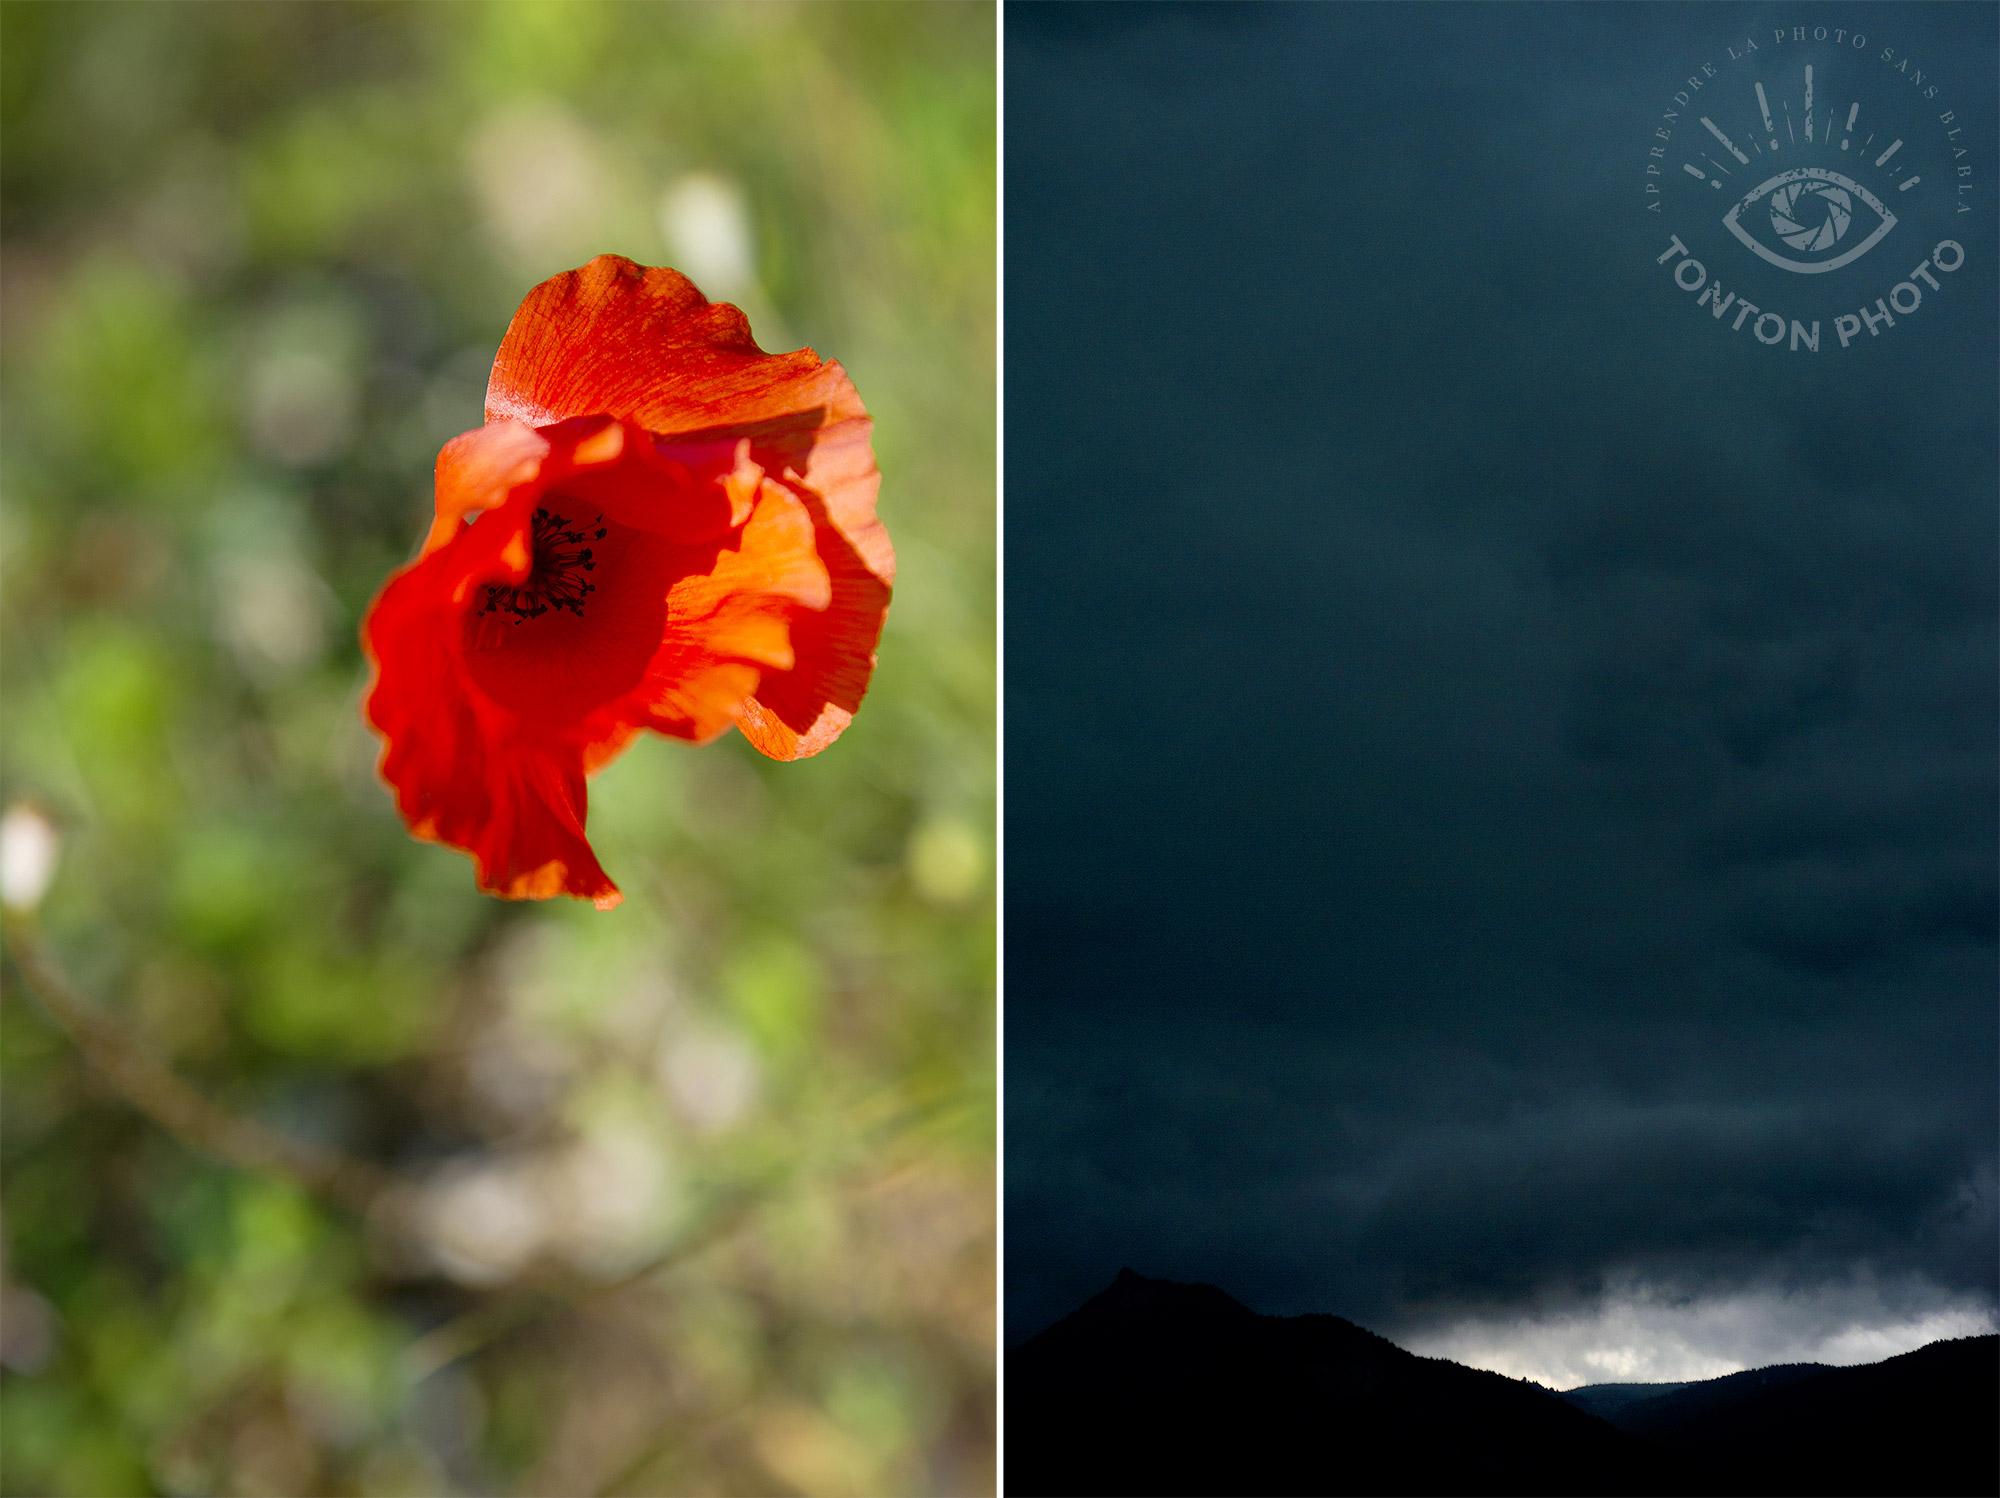 Rouge intense du coquelicot au soleil, et ciel d'orage au crépuscule © Clément Racineux / Tonton Photo